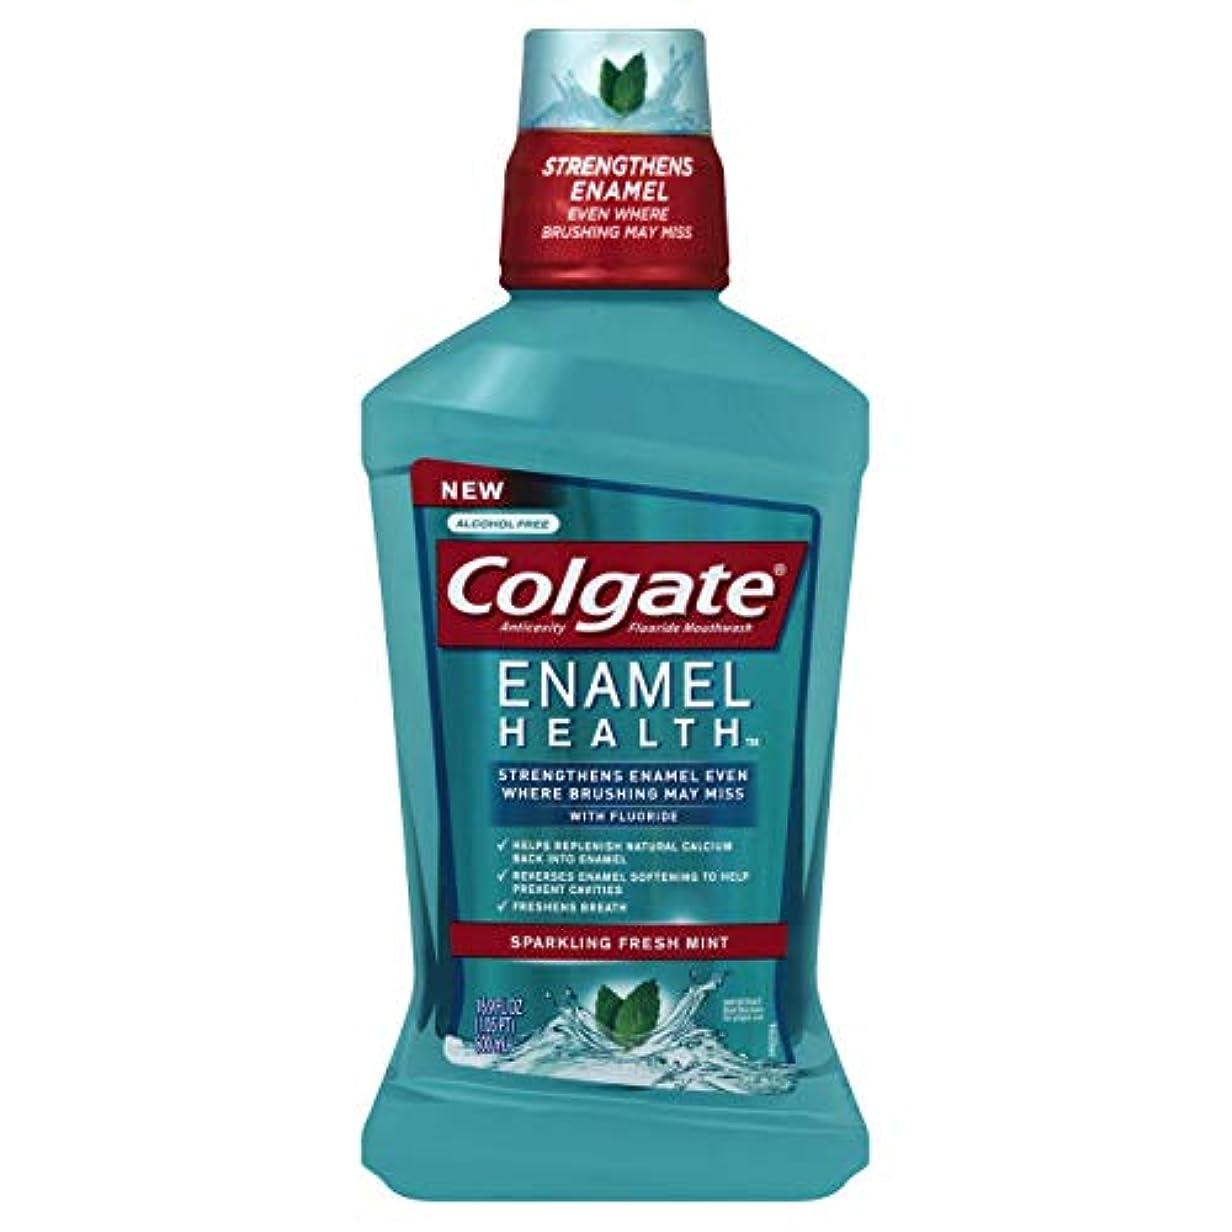 ミケランジェロキリスト教順番Colgate エナメル健康スパークリングフレッシュミント虫歯予防フッ素うがい薬、500ミリリットル - 6パック